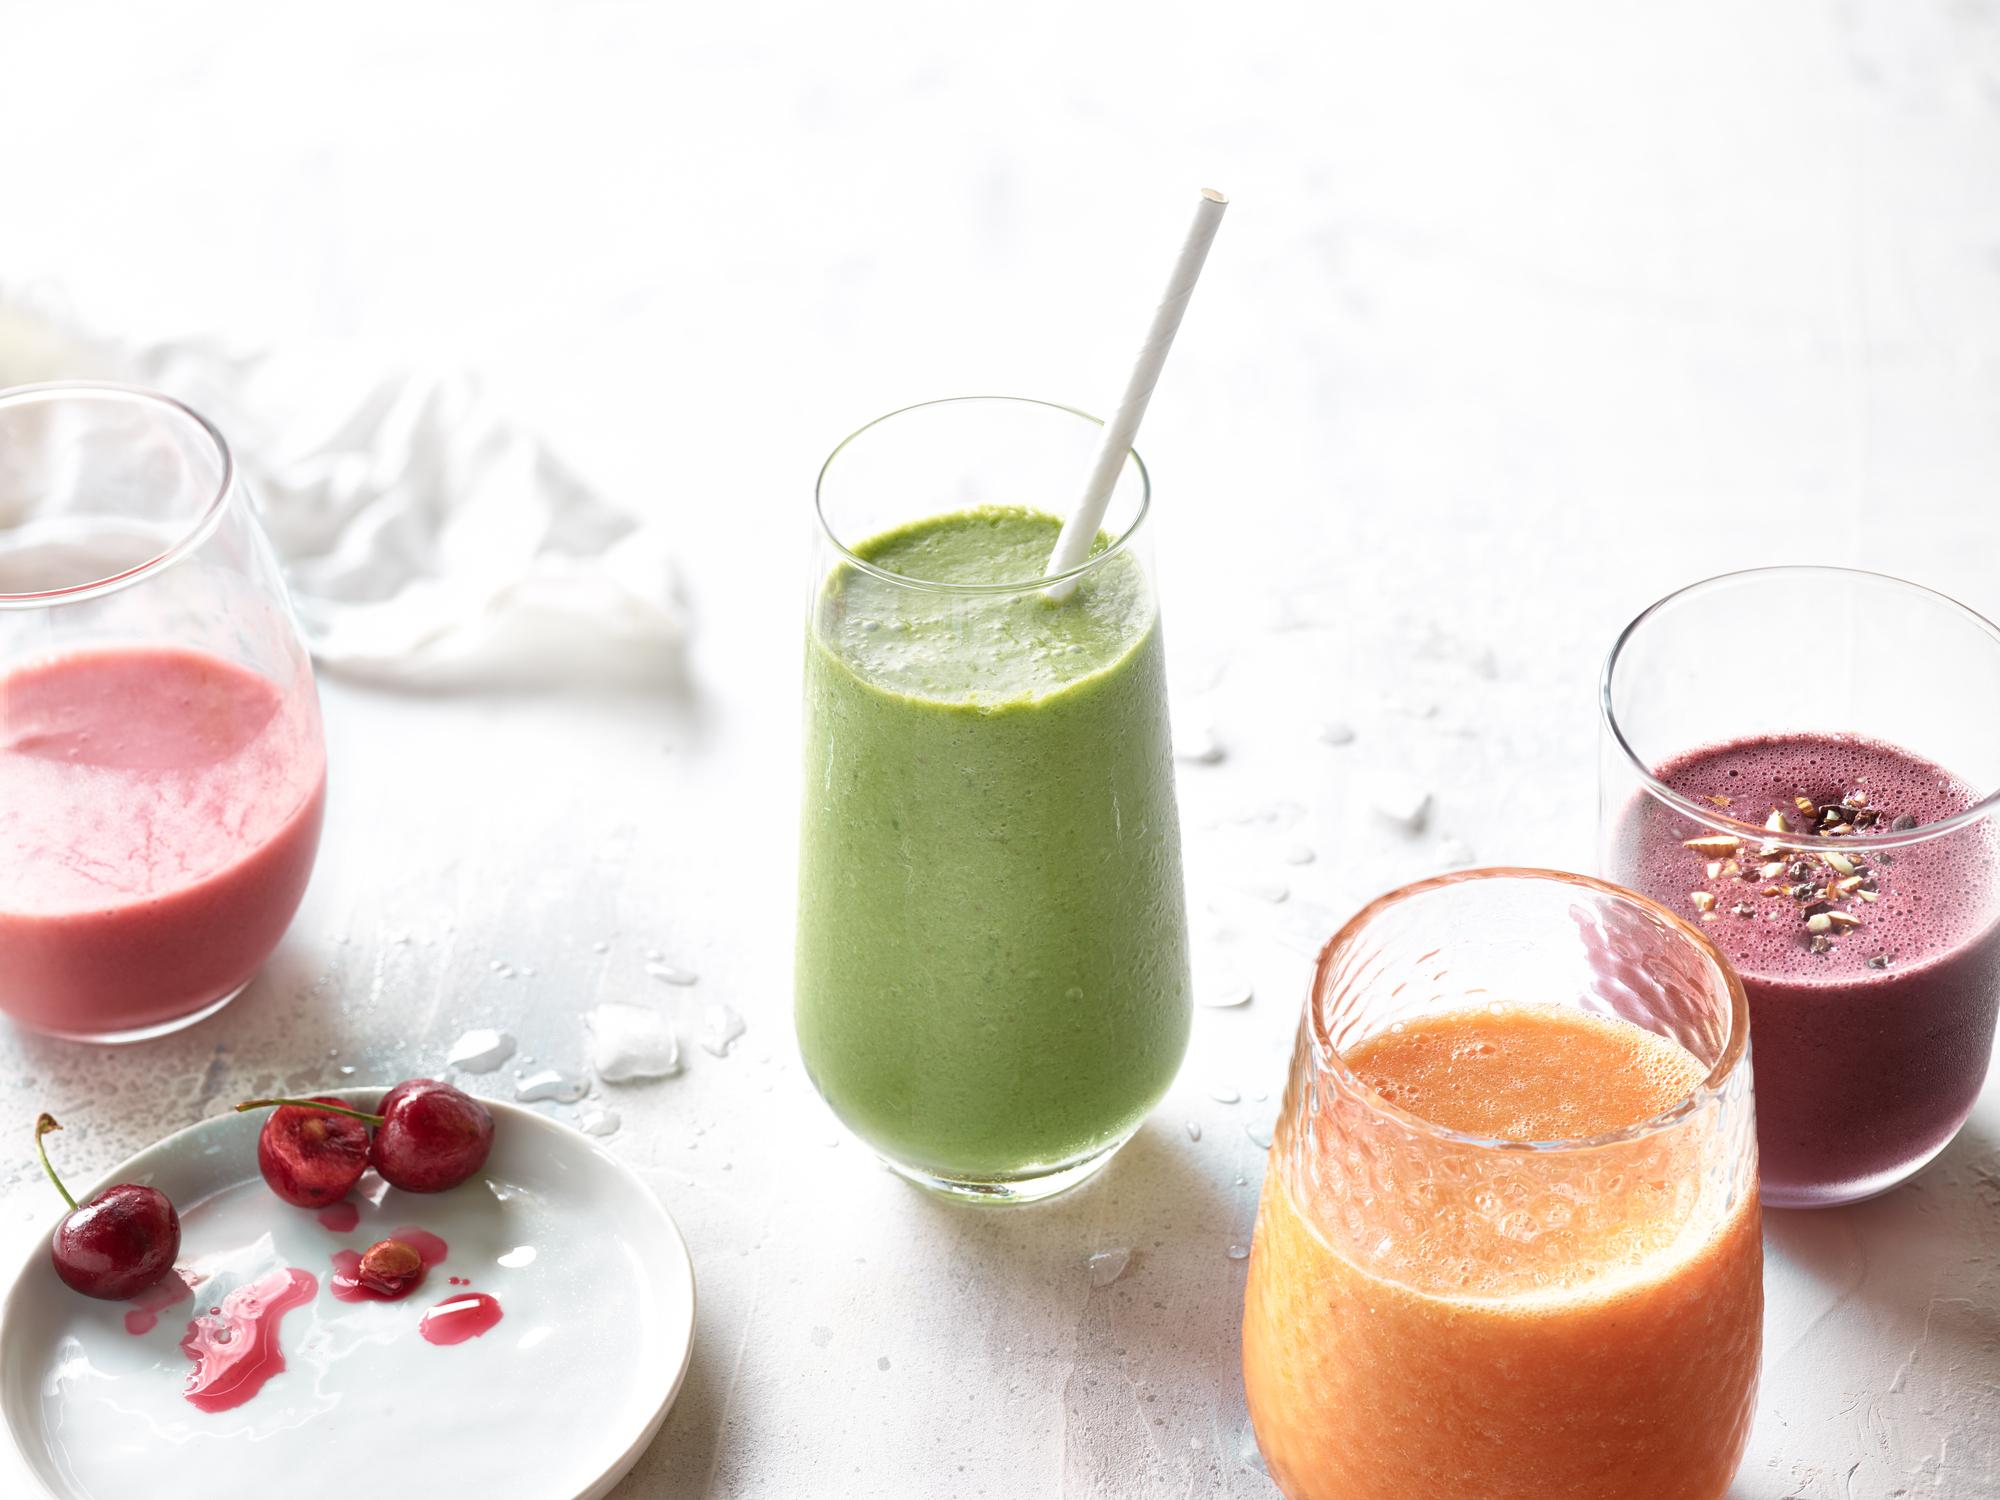 小雪-綠拿鐵-精力湯-Vitamix調理機-北鼎粉漾壺-美顏-養顏美容